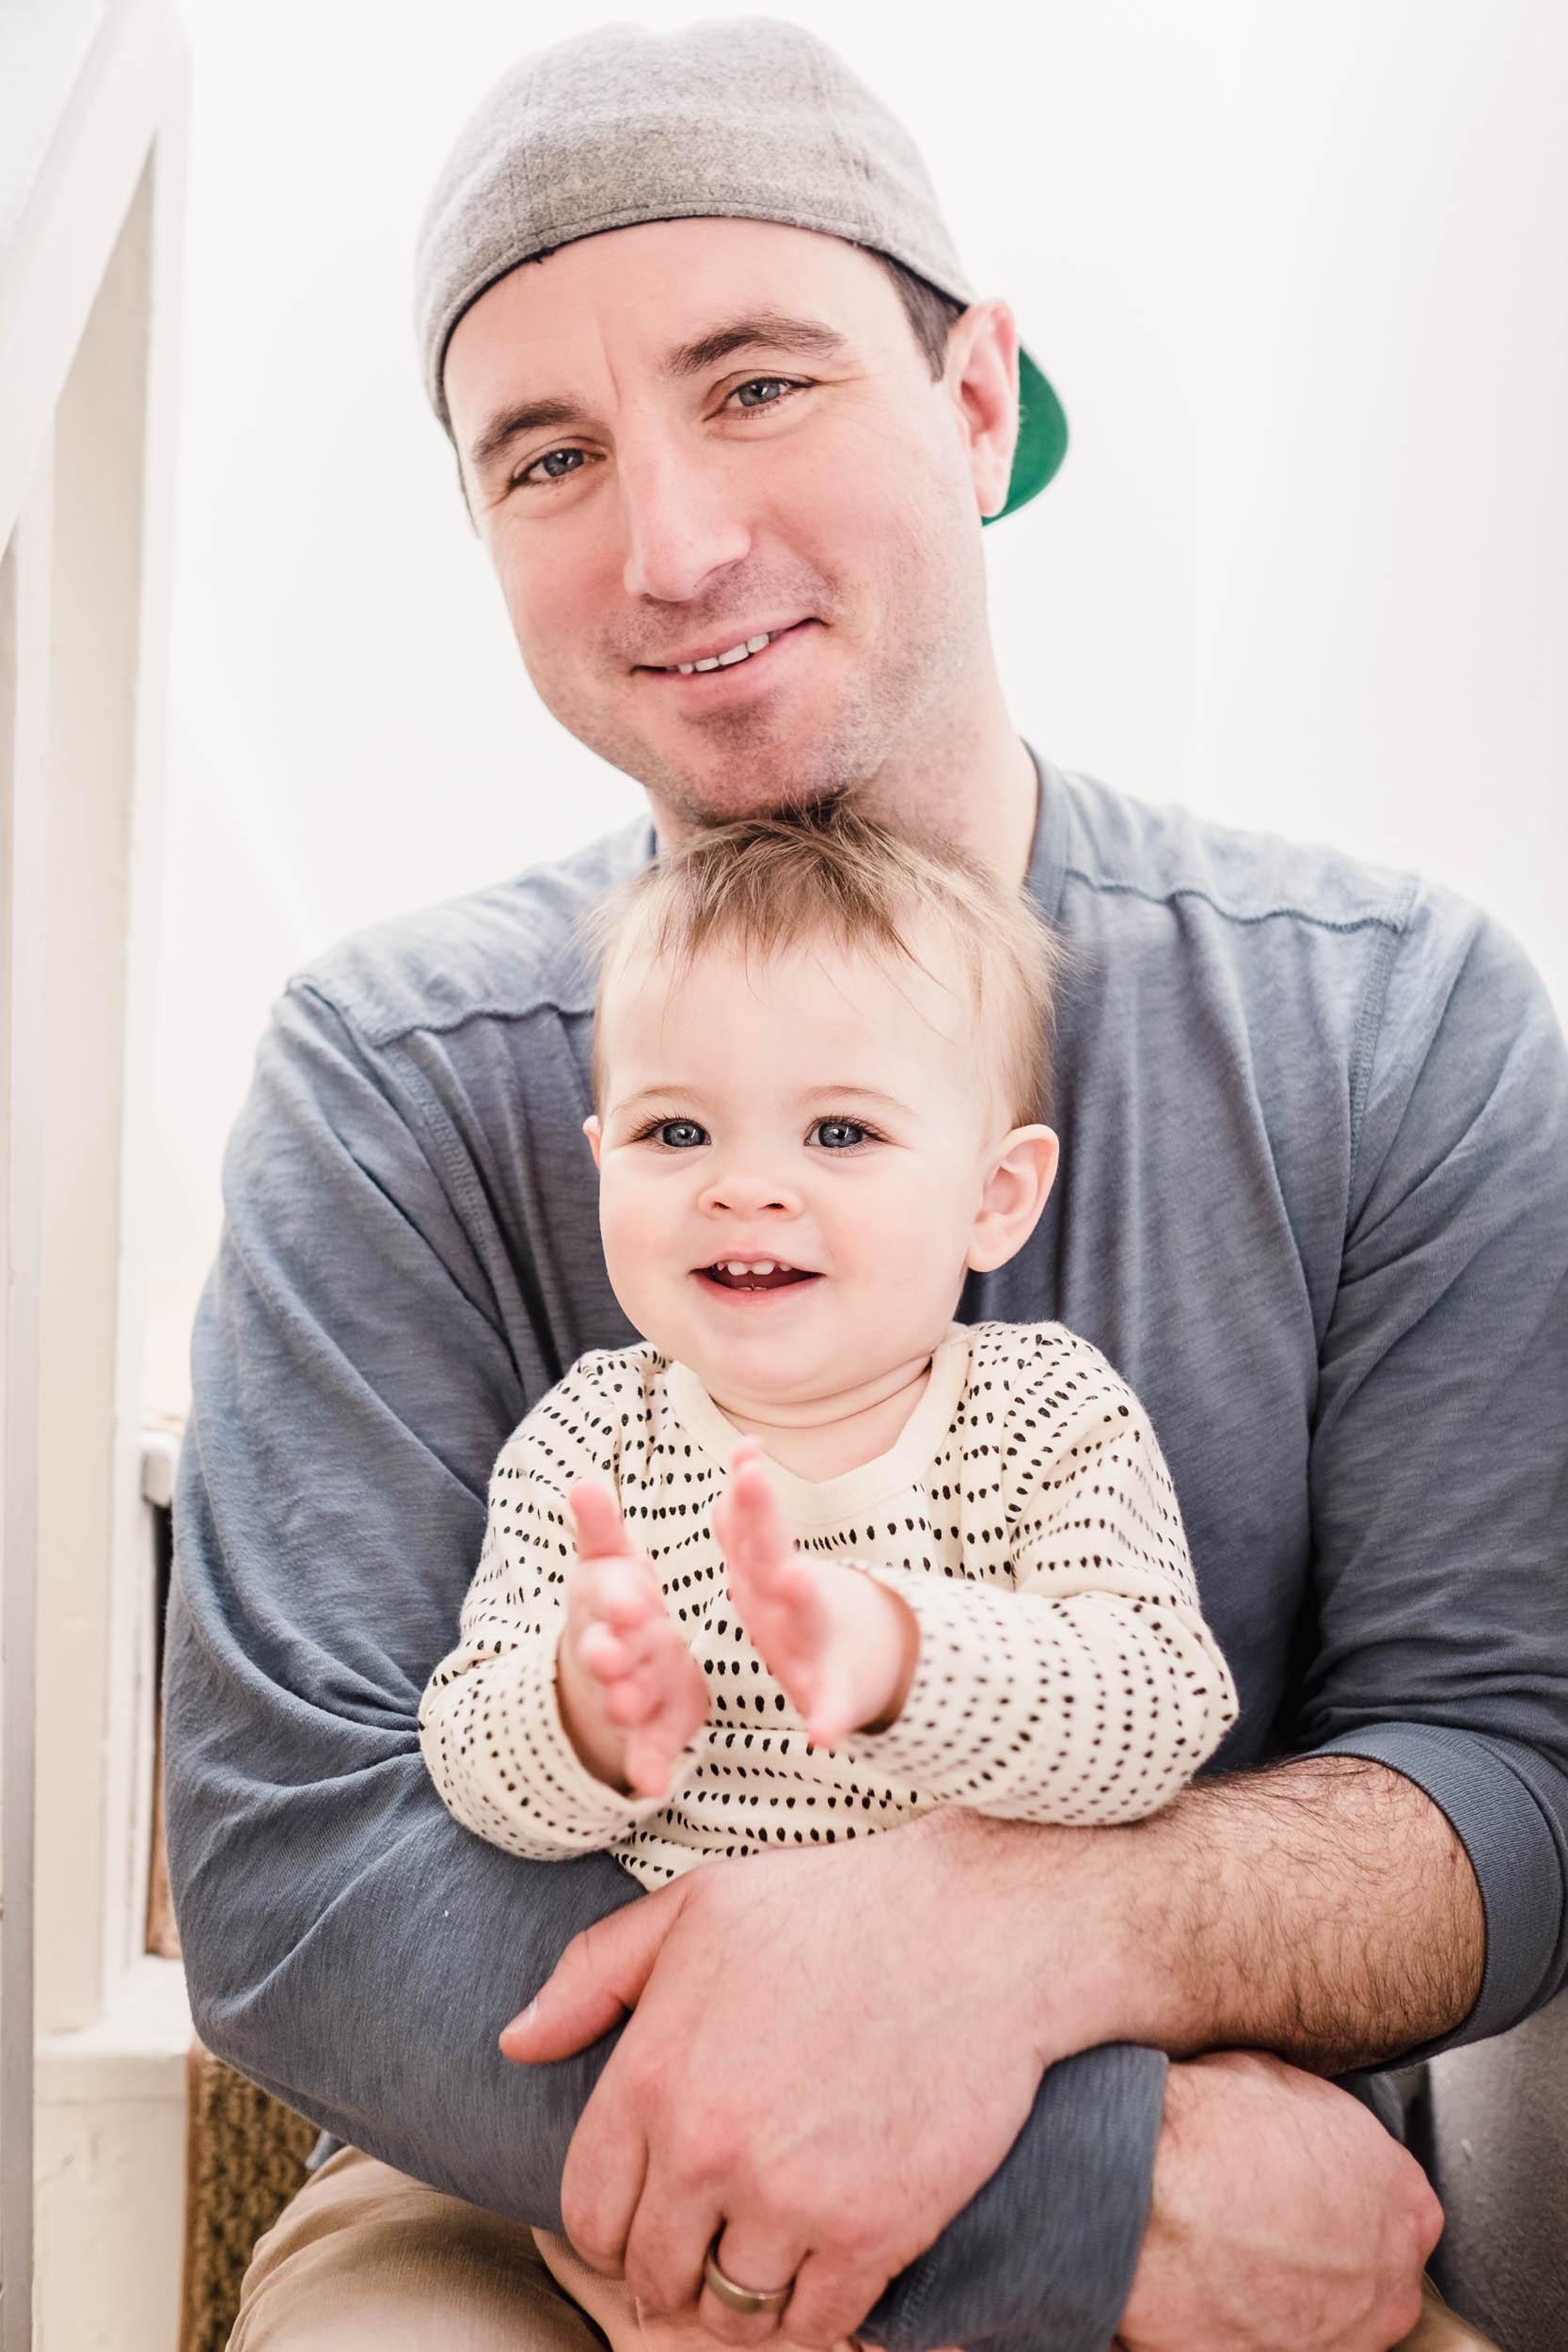 Kristen-Humbert-Family-Photoshoot-Philadelphia_Ruby-James-W-7263.jpg